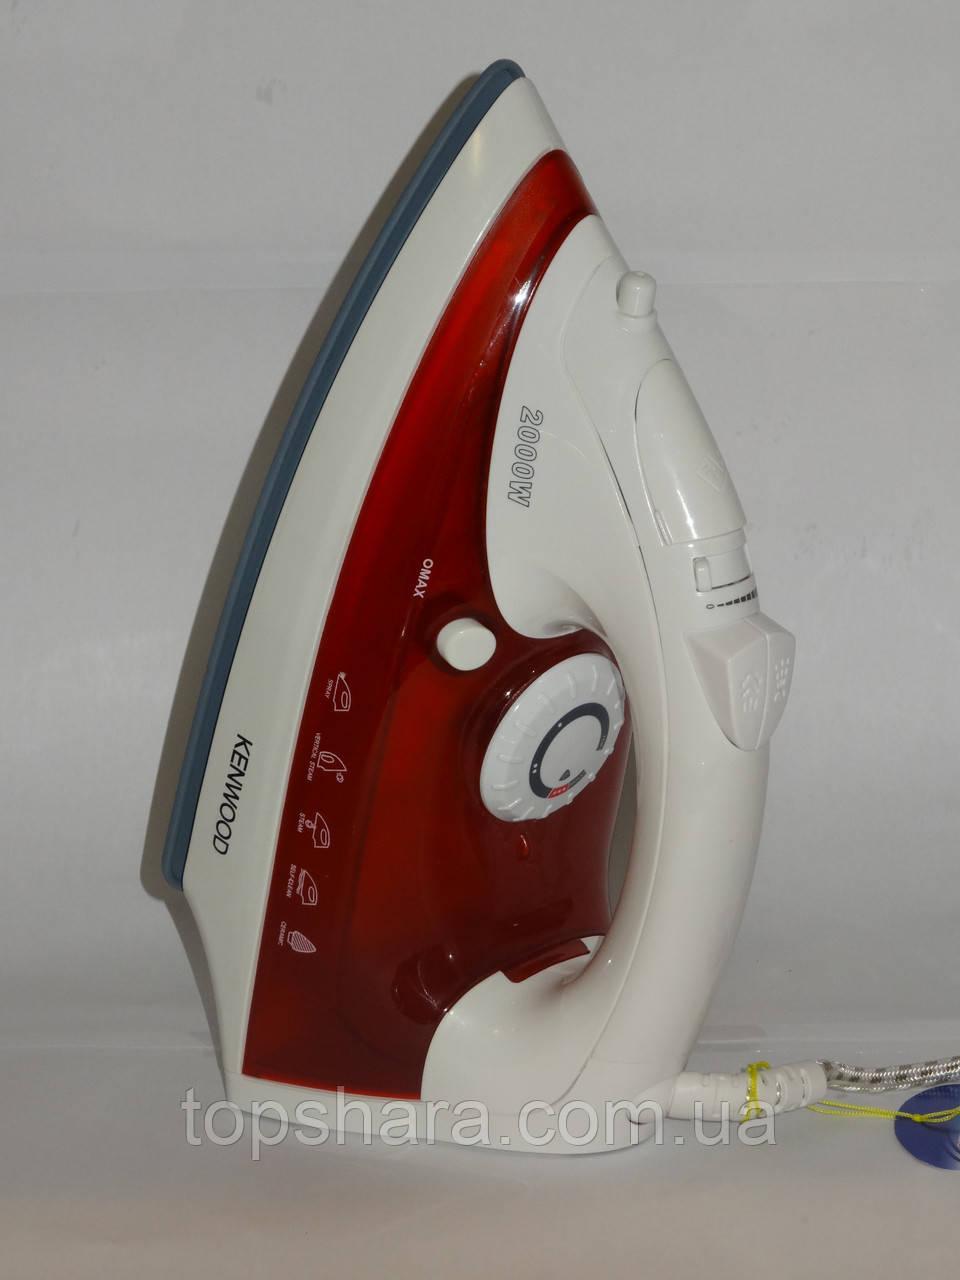 Утюг Kenwood K2866 2000вт. белый с красным